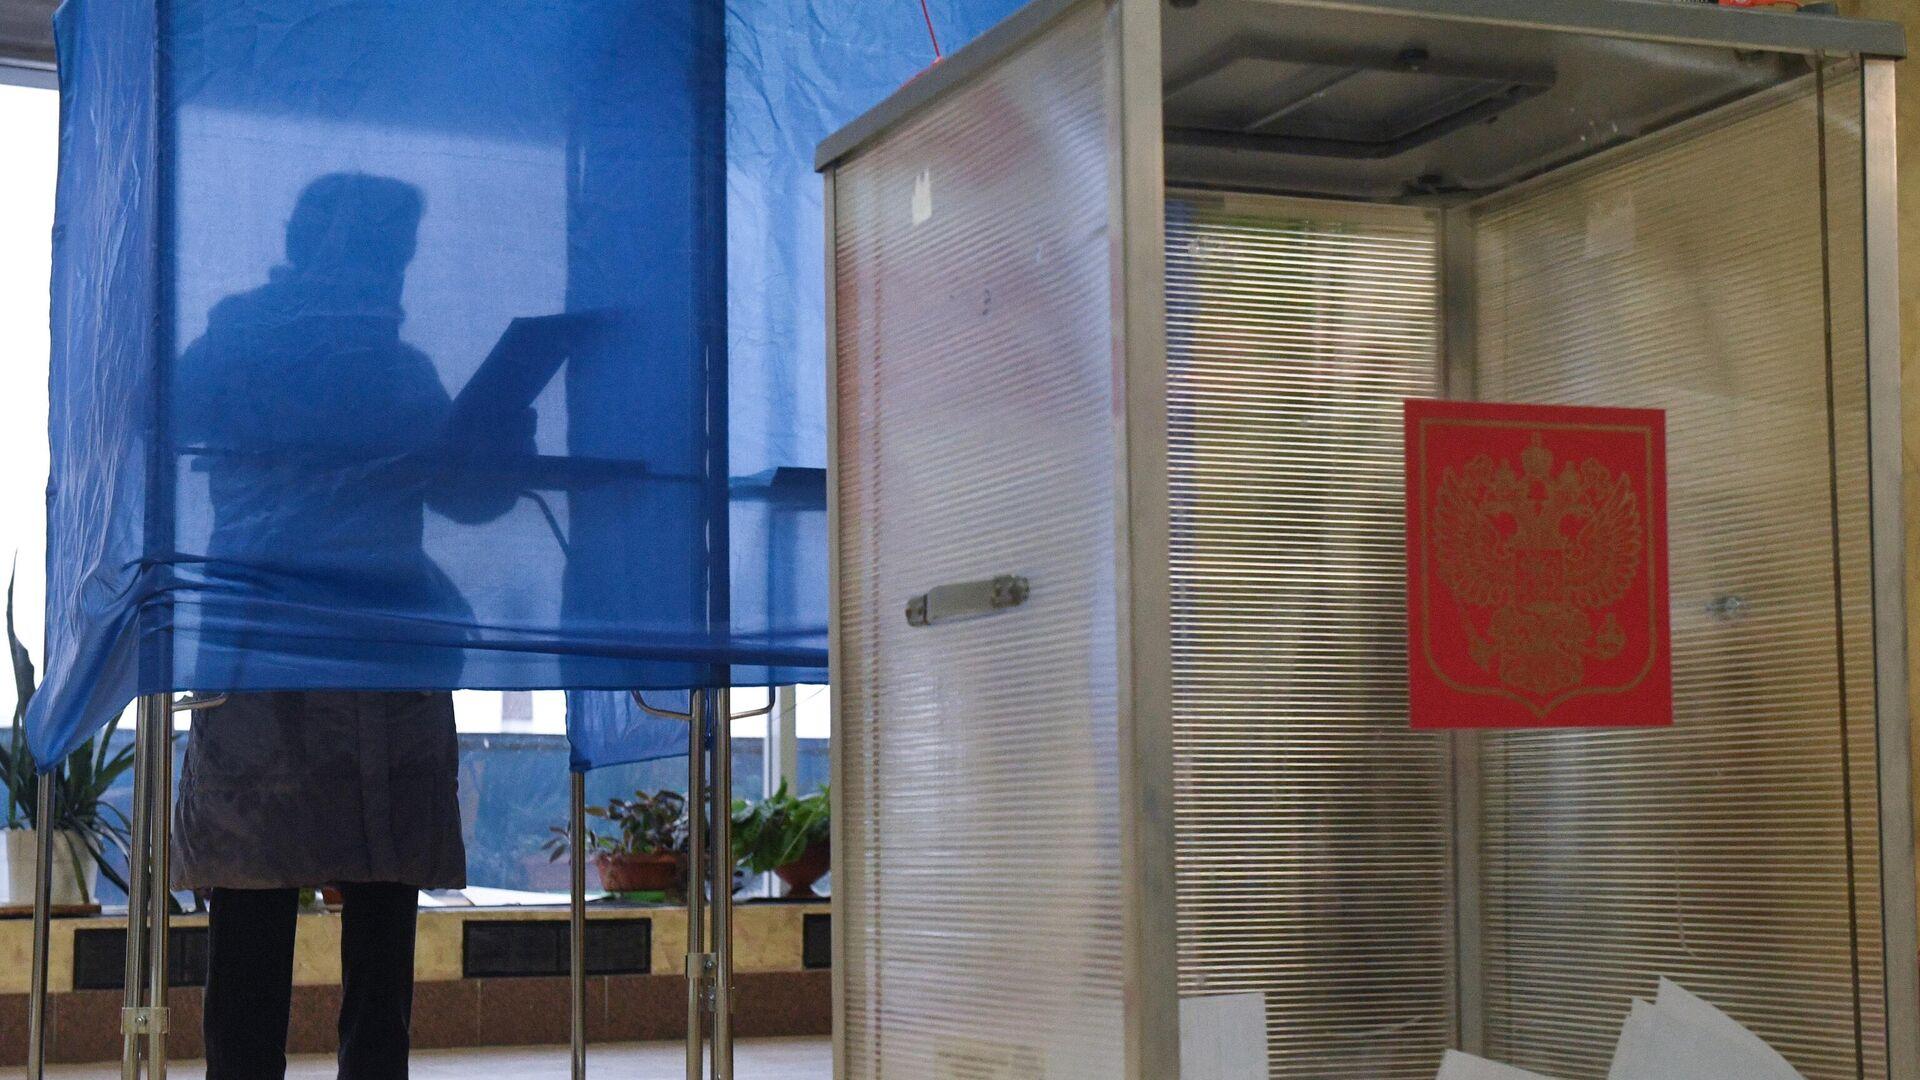 Женщина голосует на избирательном участке в Иркутске на выборах губернатора Иркутской области - РИА Новости, 1920, 14.09.2020